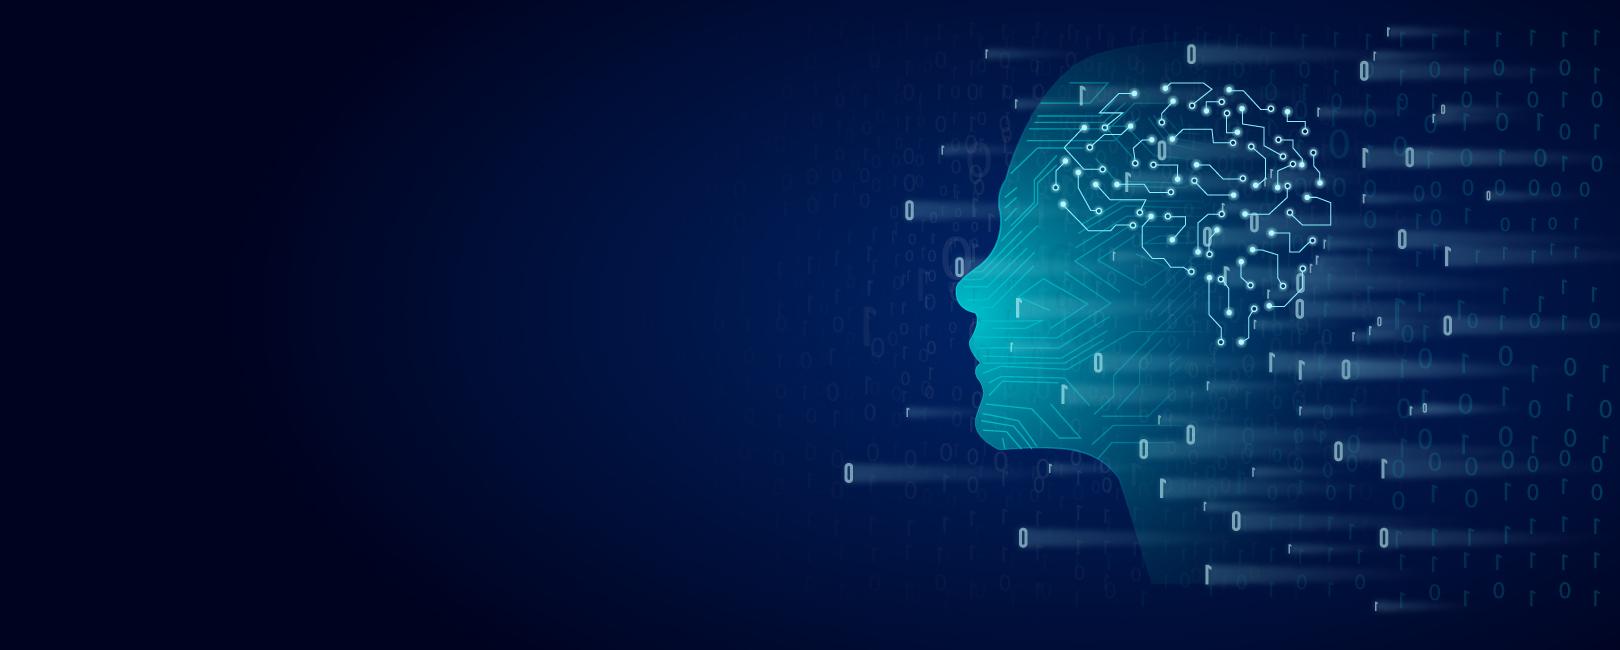 Neurocapitalismo y la potencial pérdida de privacidad de la mente humana